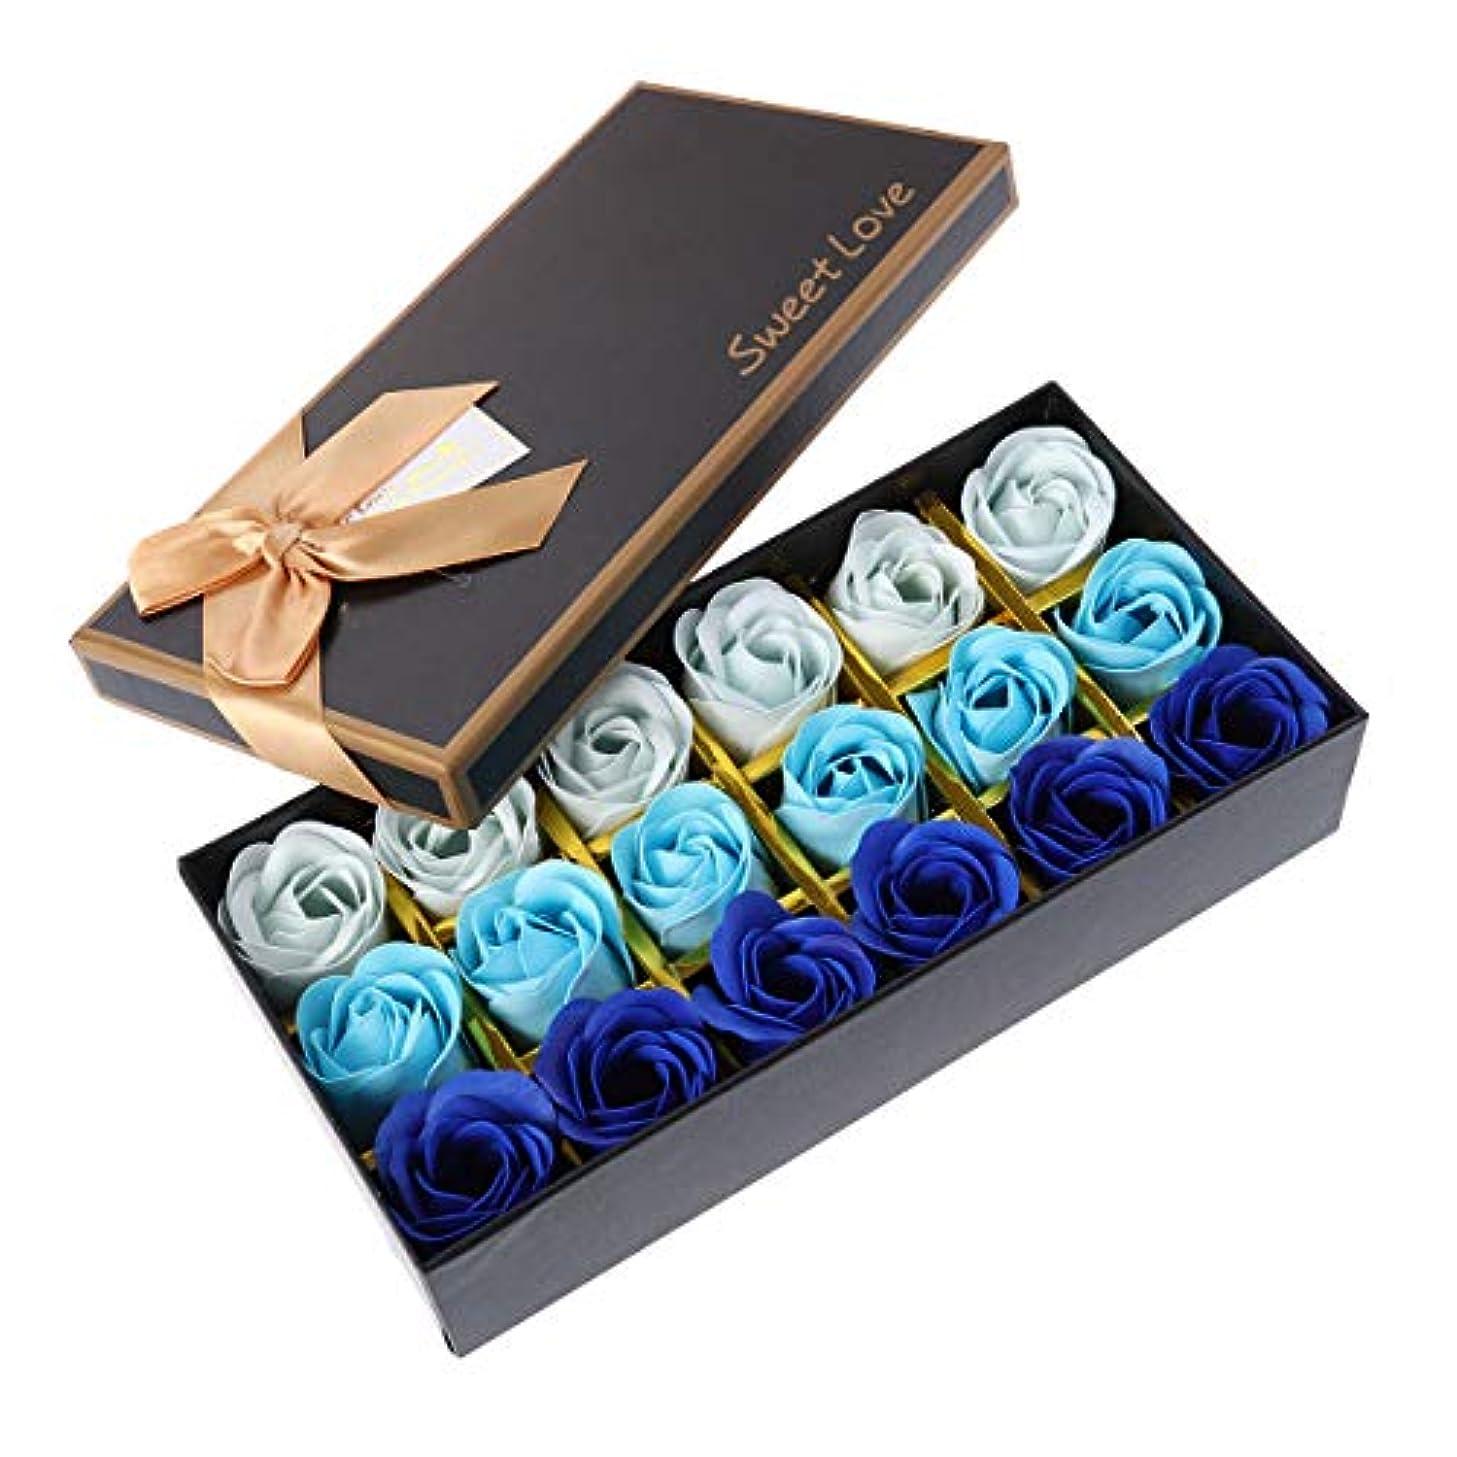 同一の最少標高Beaupretty バレンタインデーの結婚式の誕生日プレゼントのための小さなクマとバラの石鹸の花